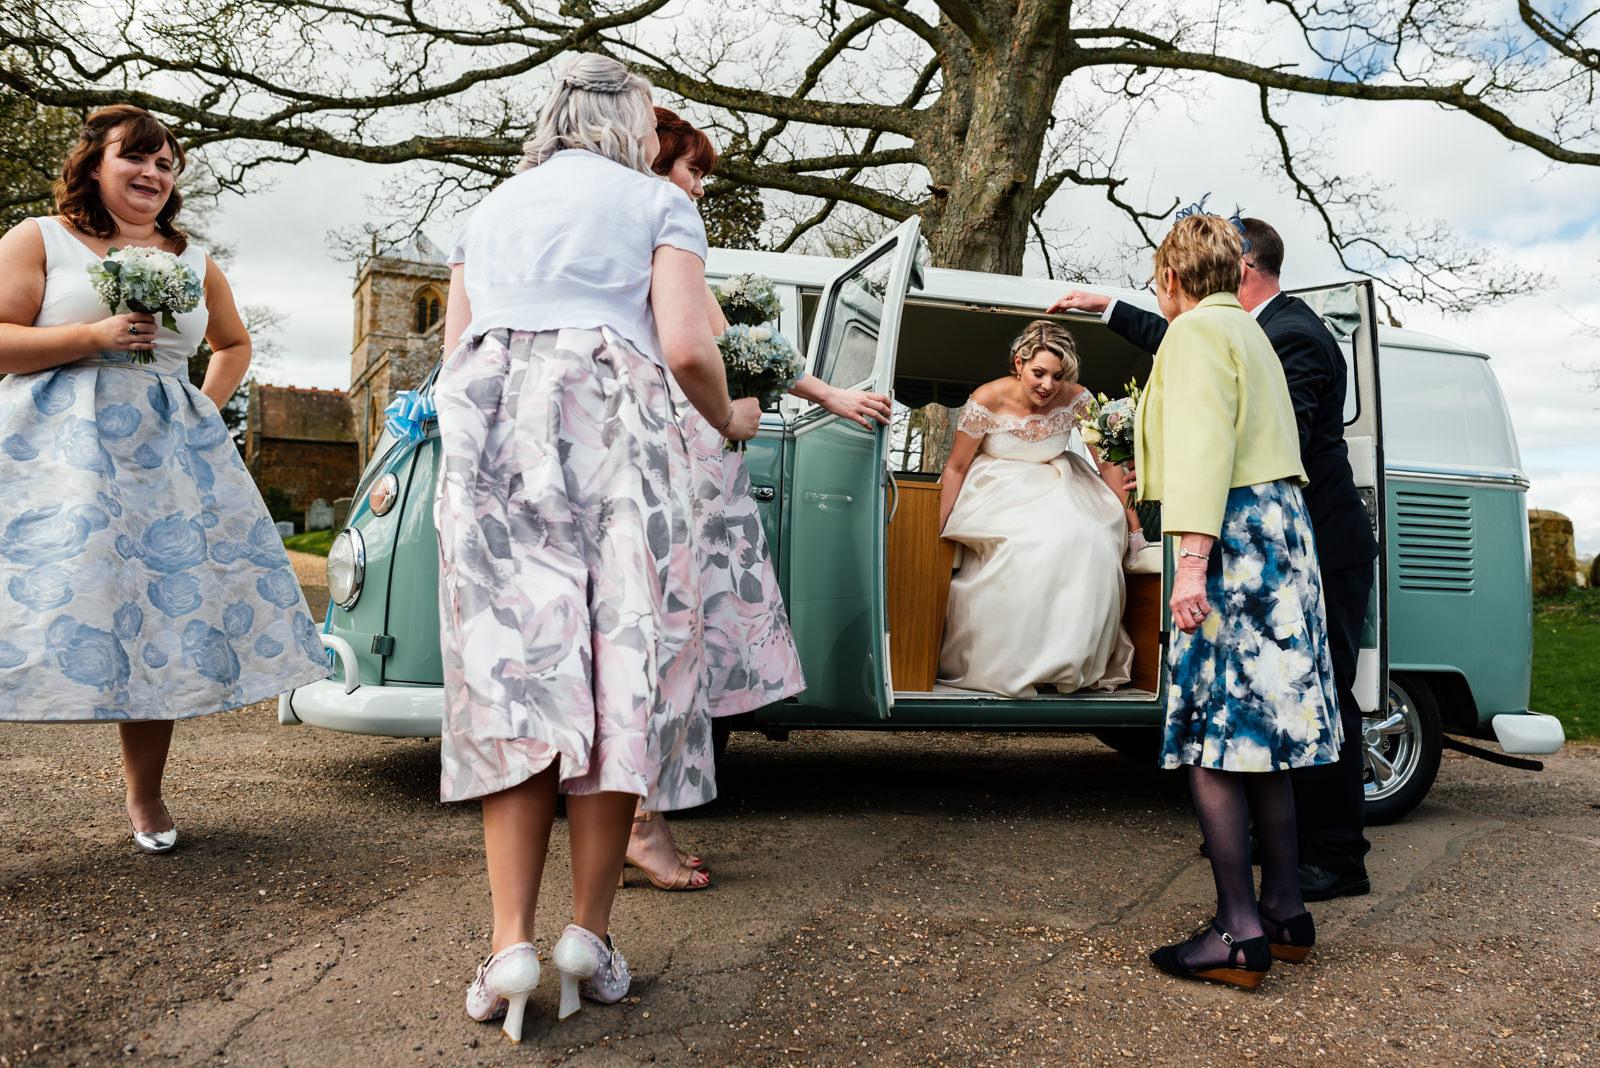 bride leaving camper van